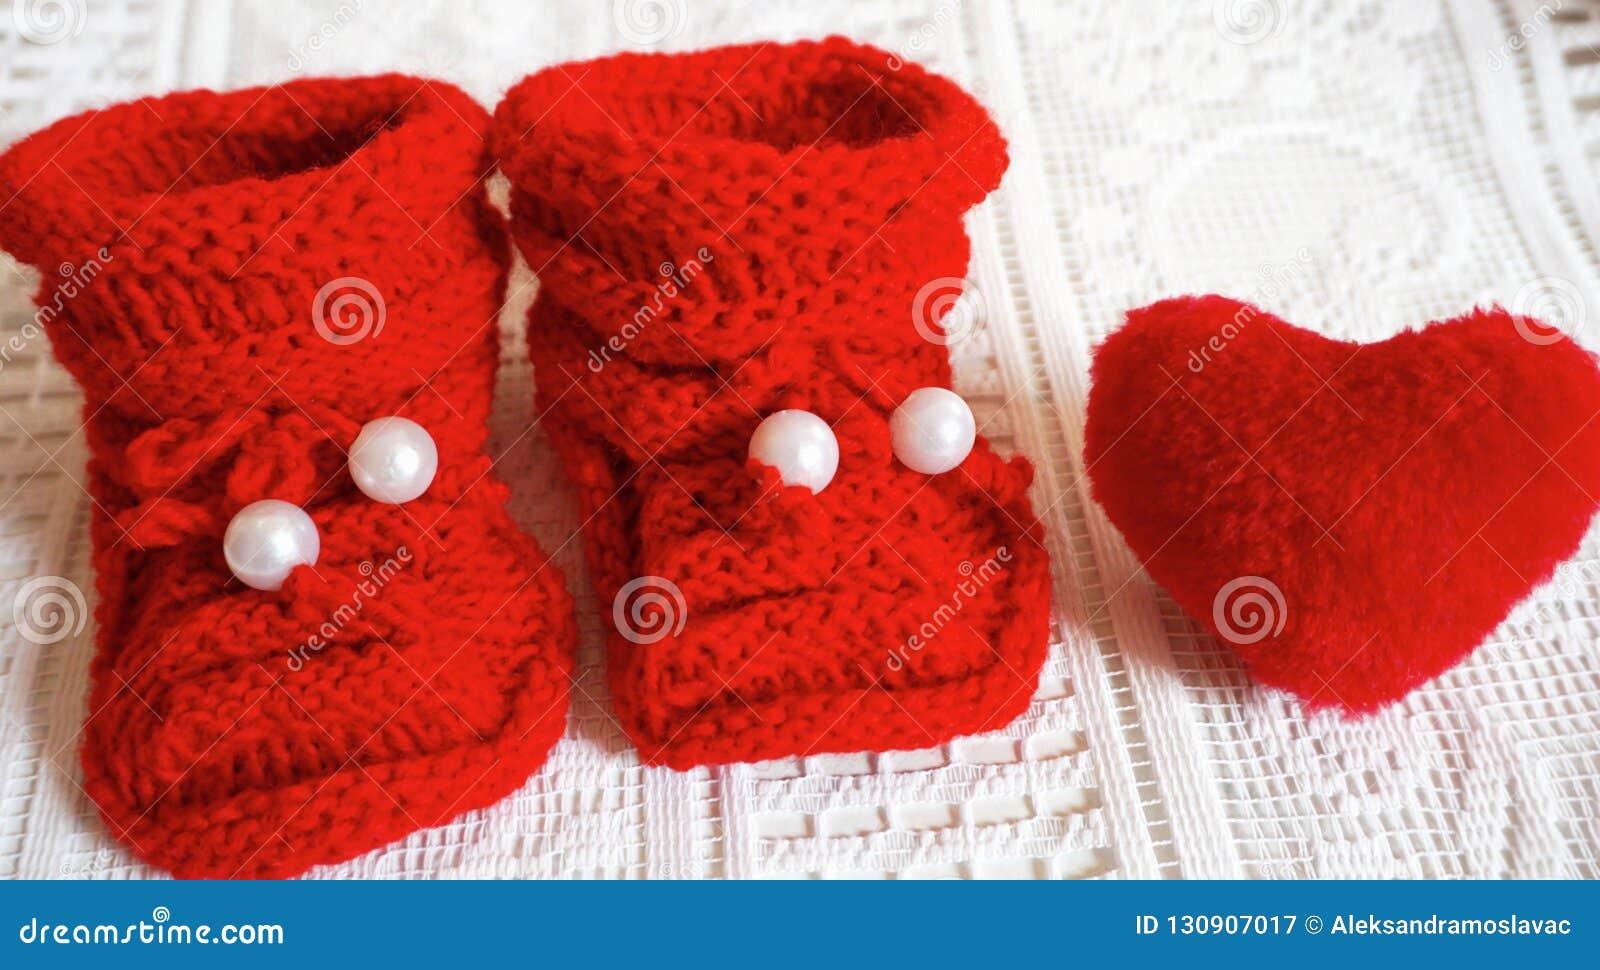 Deslizadores recién nacidos del bebé del punto